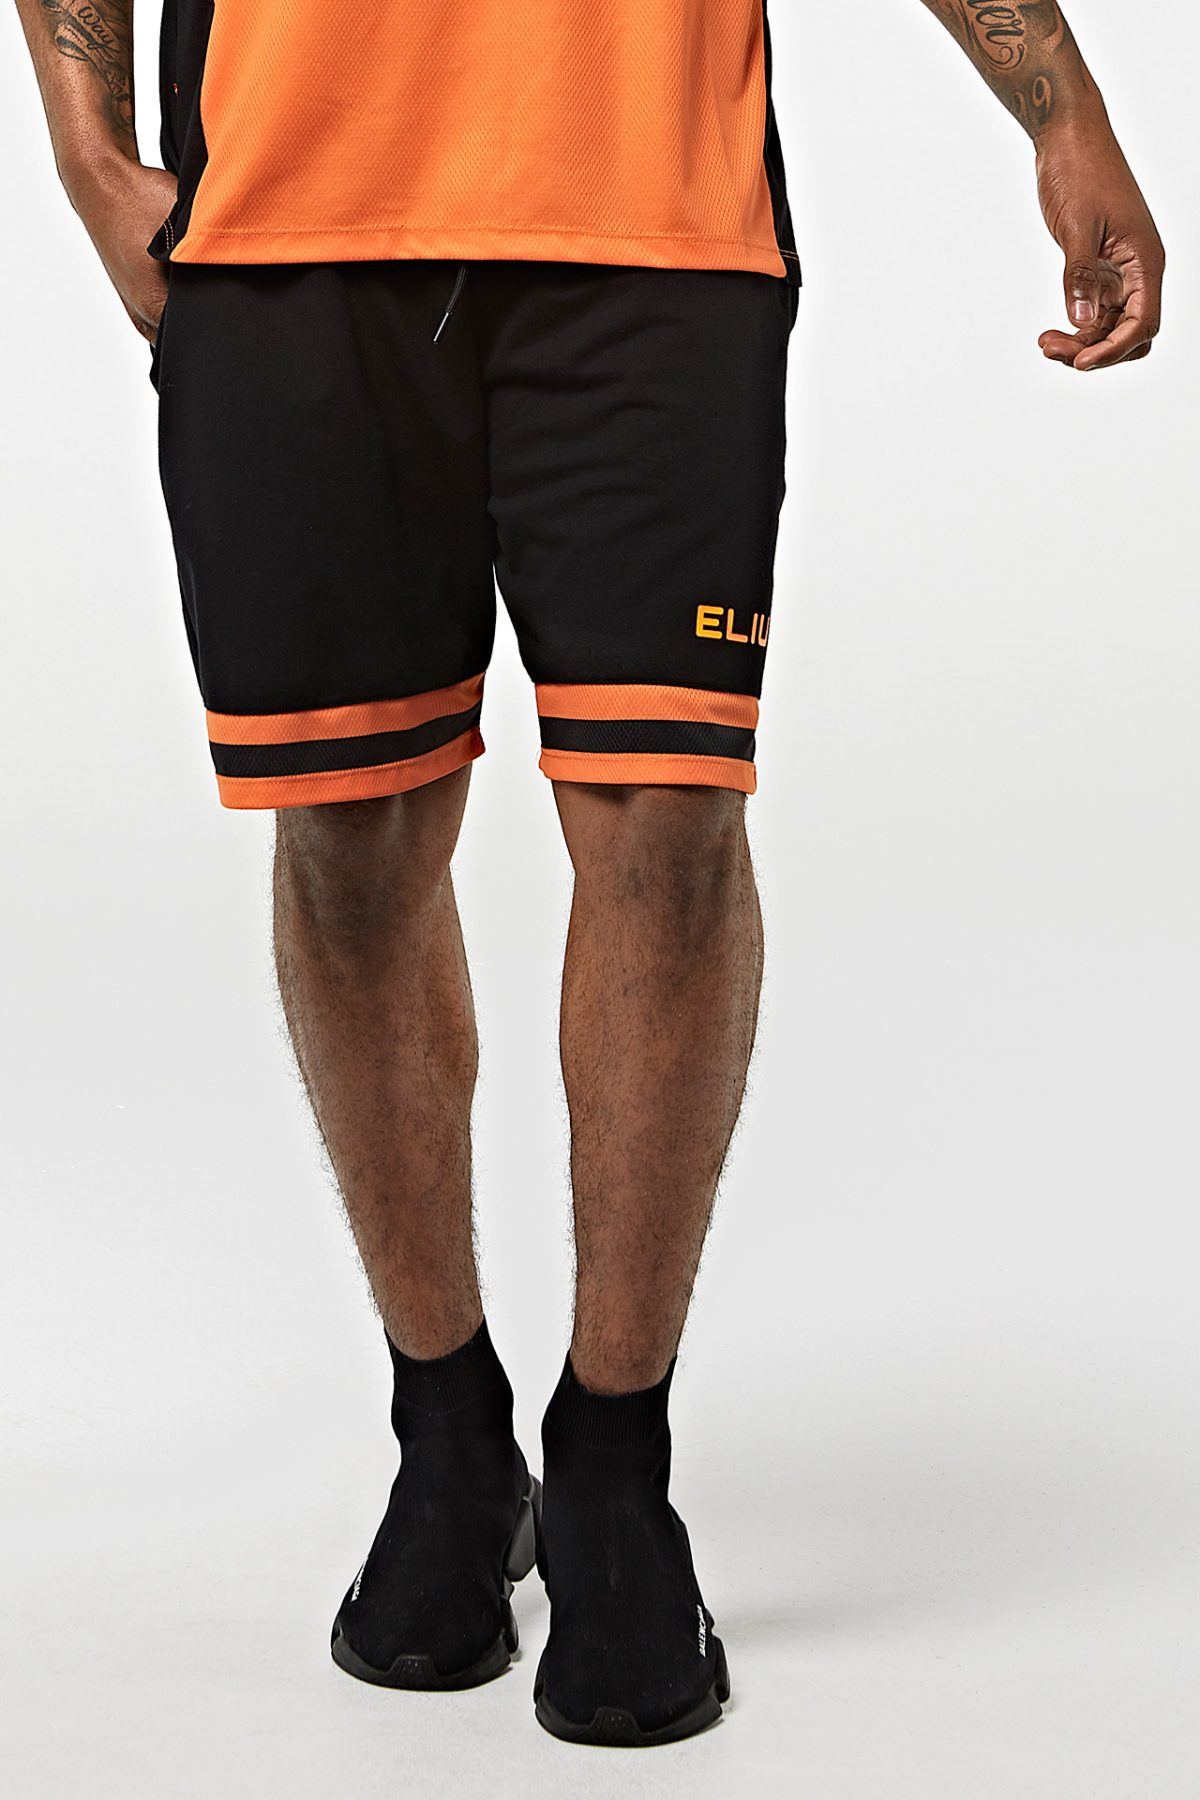 Pantalón de baloncesto ELIU 97 negro